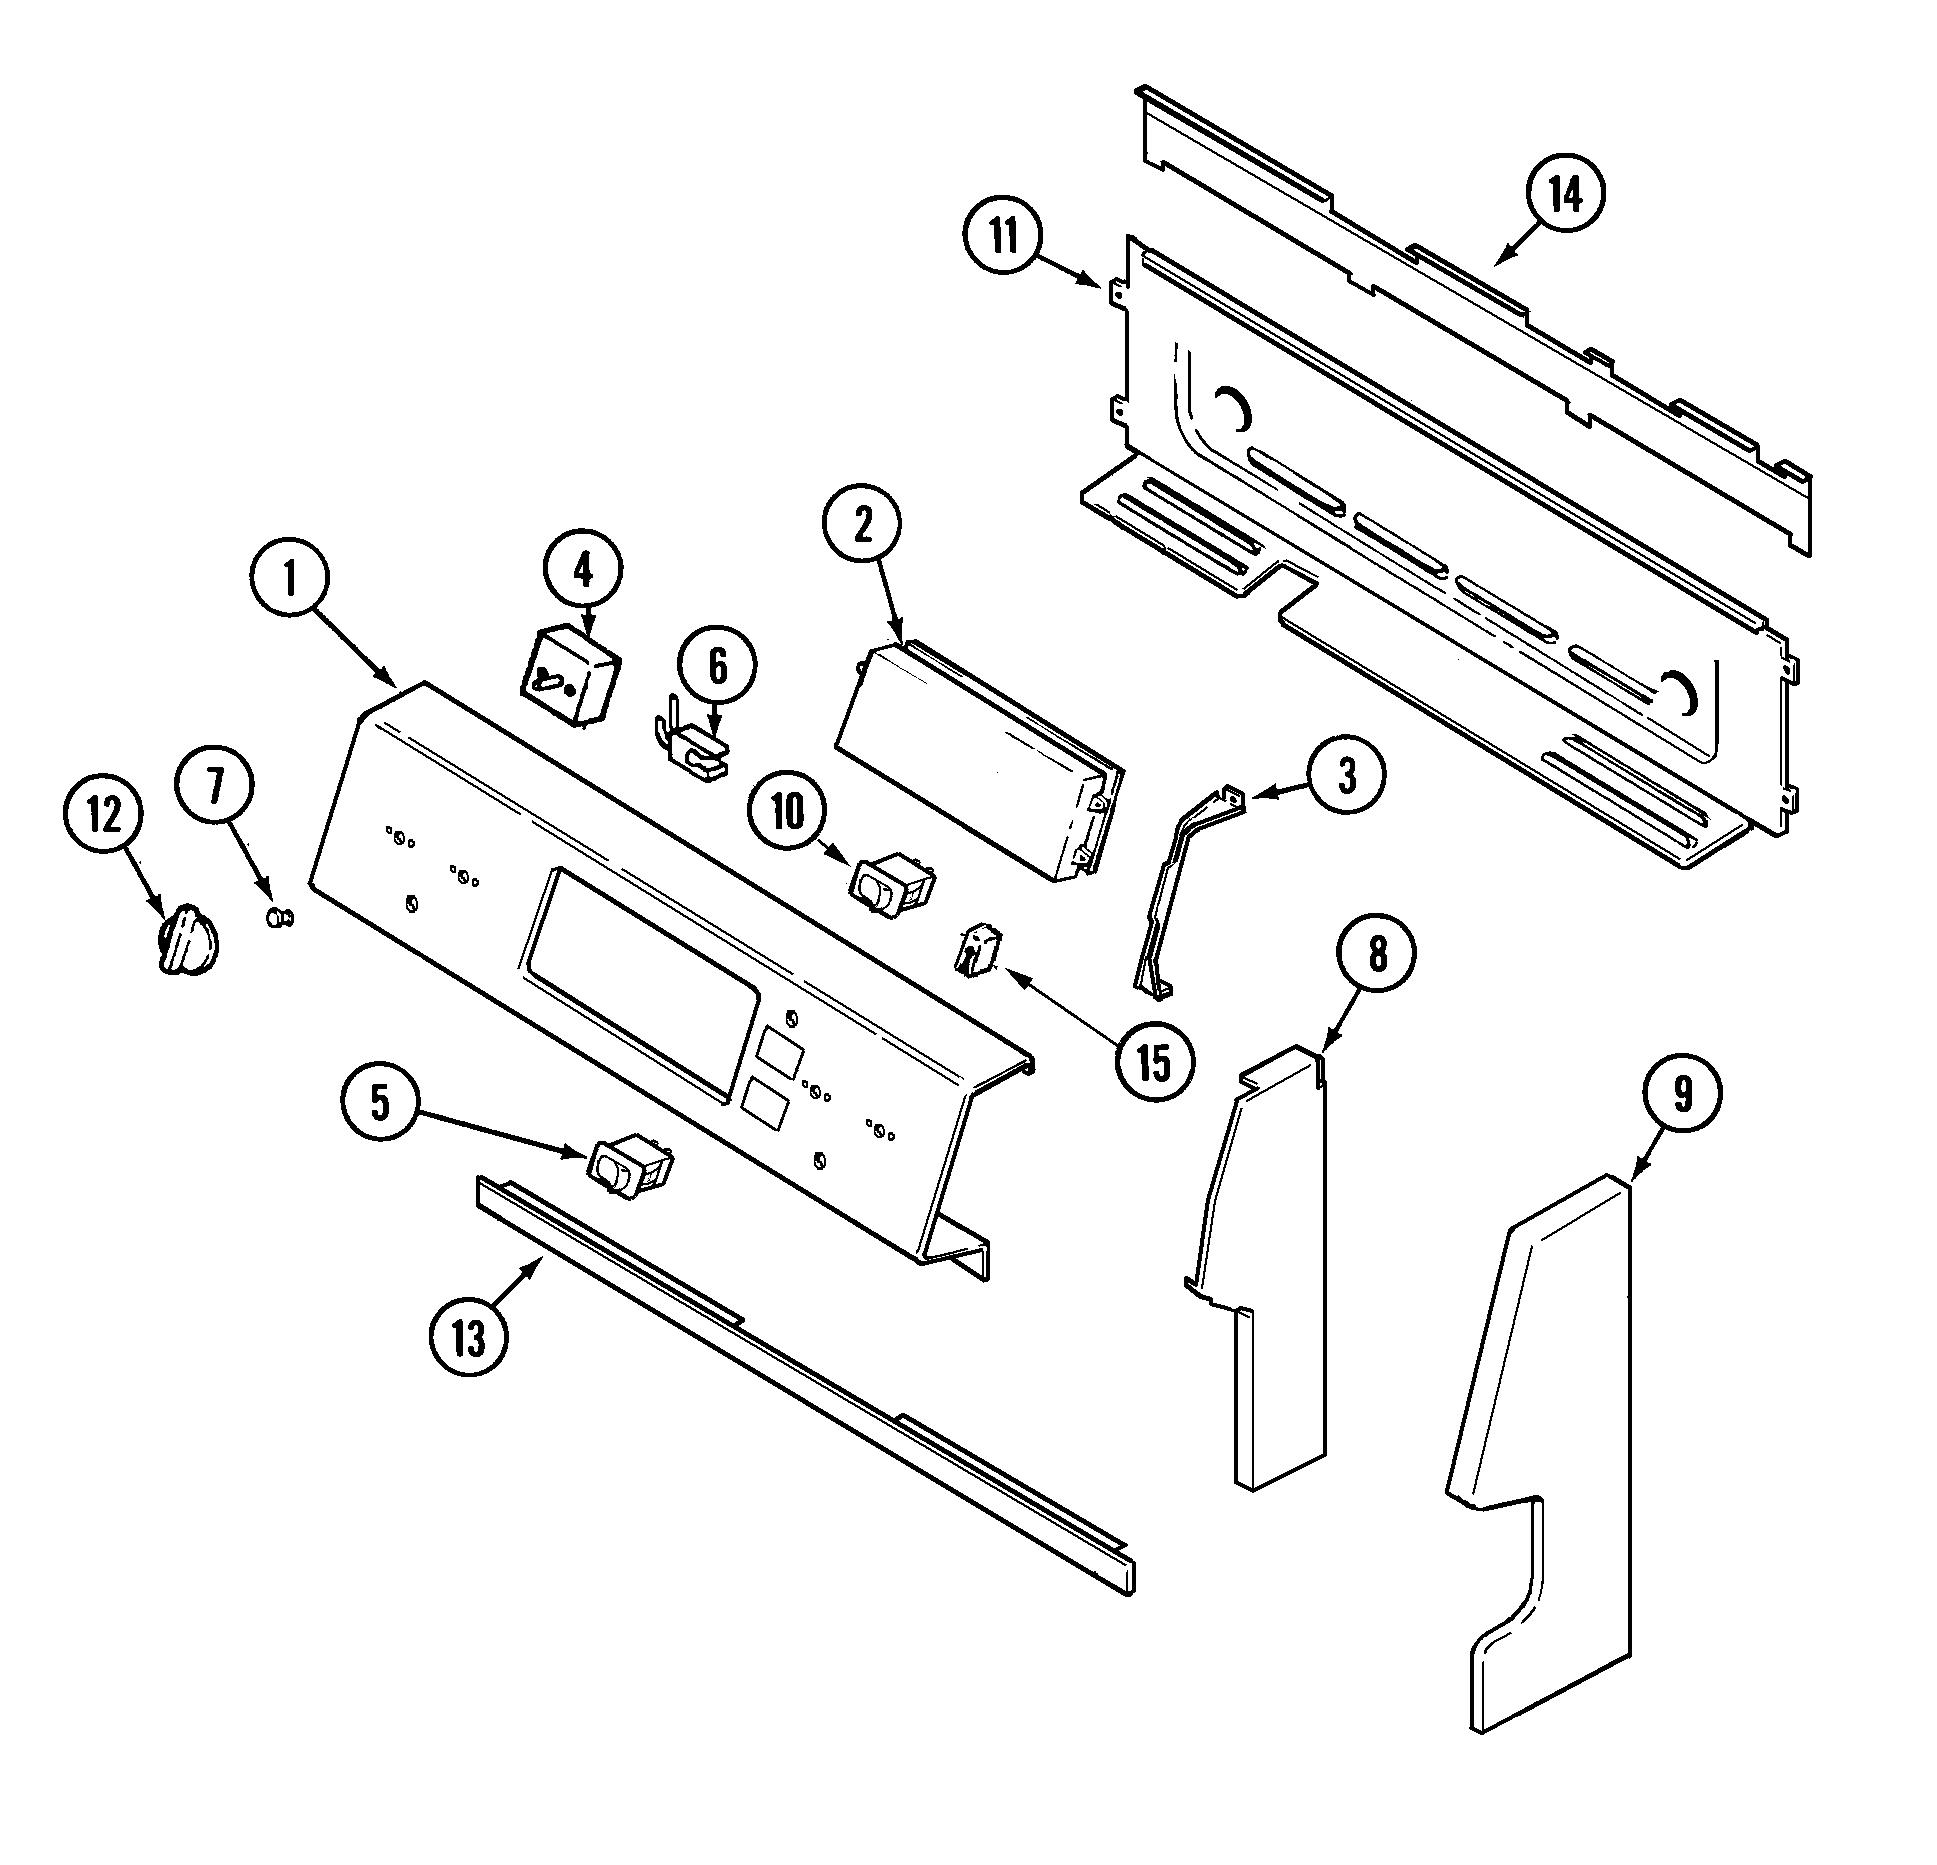 Maytag: Maytag Range Parts